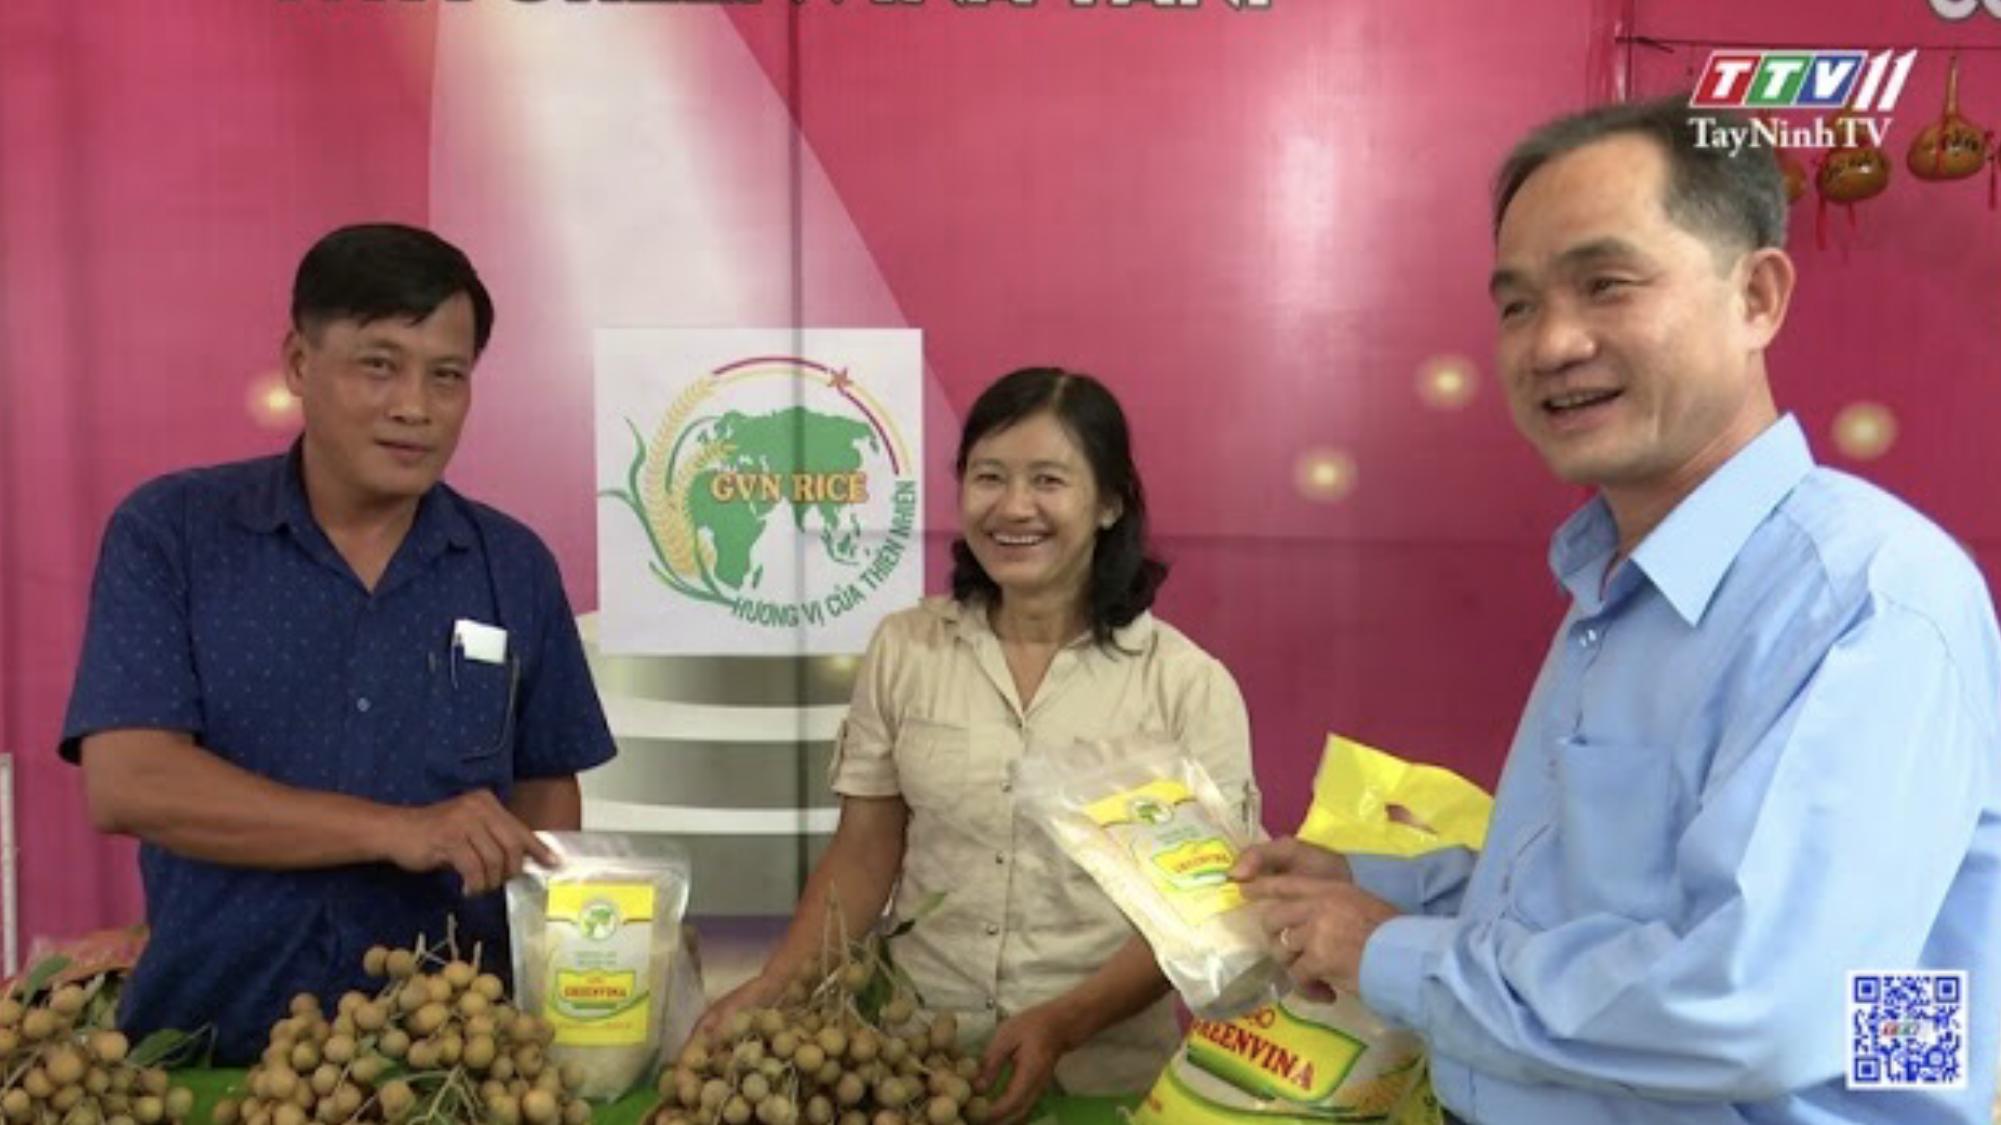 Hòa Thành với cuộc vận động người Việt ưu tiên dùng hàng Việt Nam | Thông tin từ cơ sở | TâyNinhTV